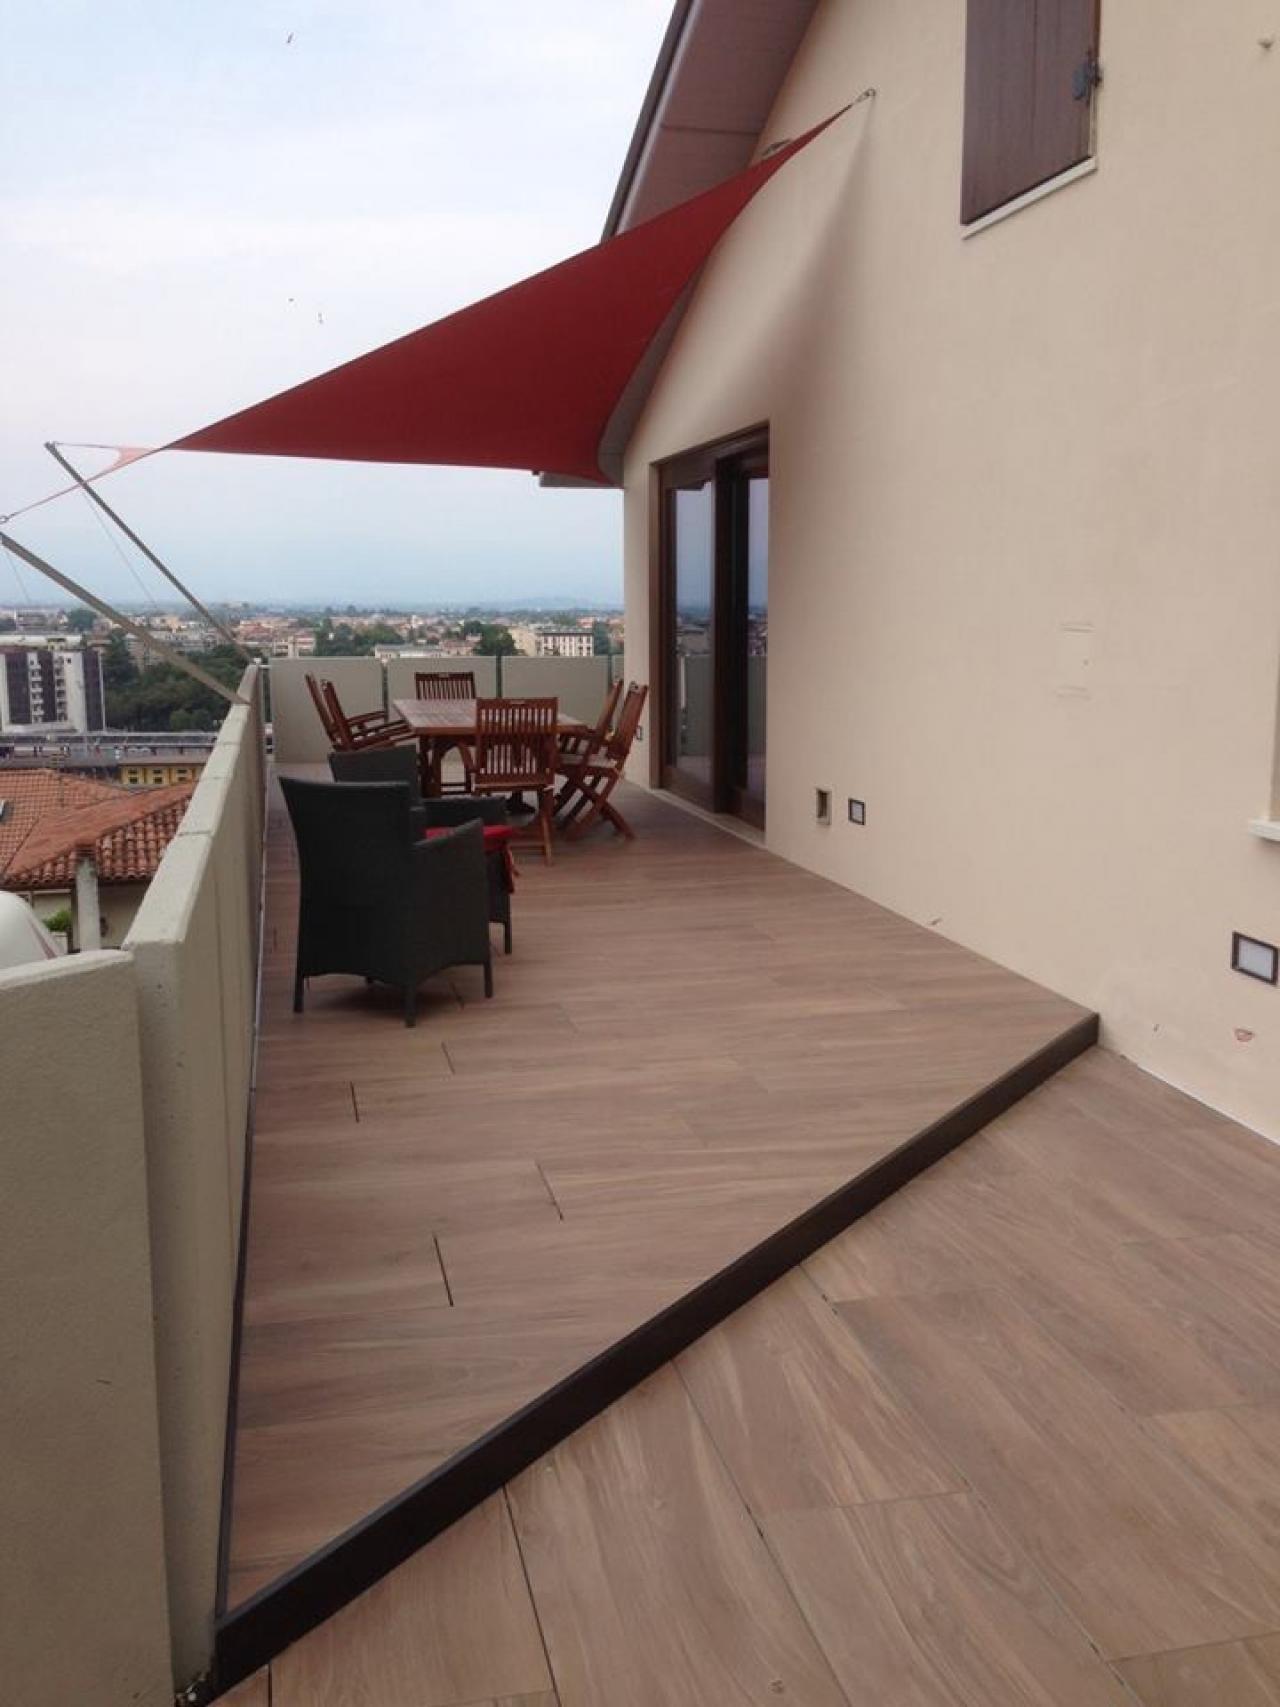 Pavimenti in legno per esterno a vicenza e a verona for Pavimenti terrazzi